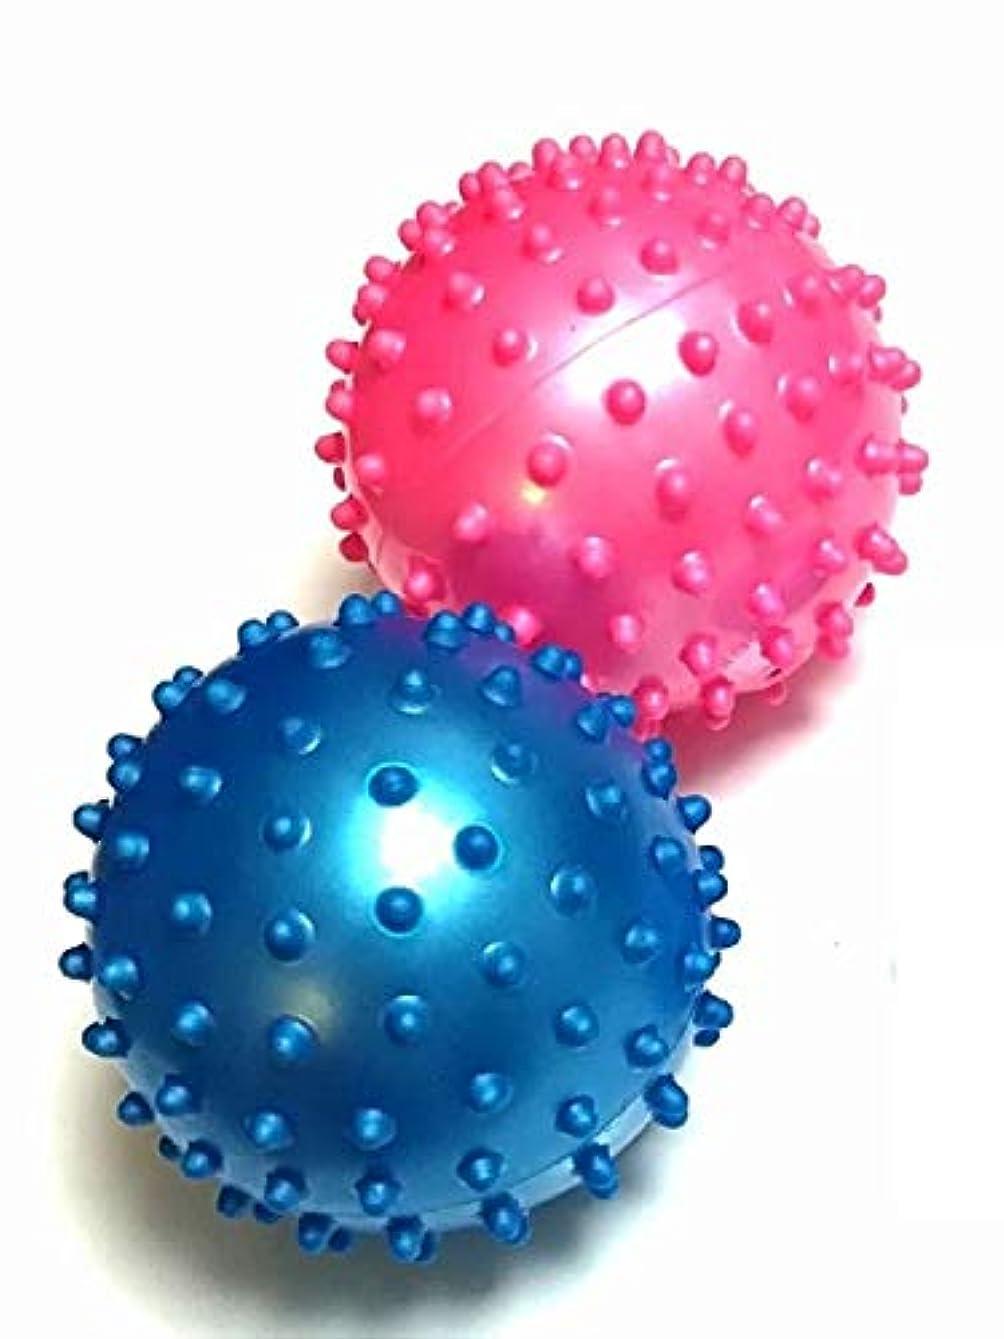 平衡組み込むメディックトゲトゲ イガイガボール 2個 セット リハビリ , つぼ押し , マッサージ に 直径約8cm とげとげ ぼつぼつ BE&PK